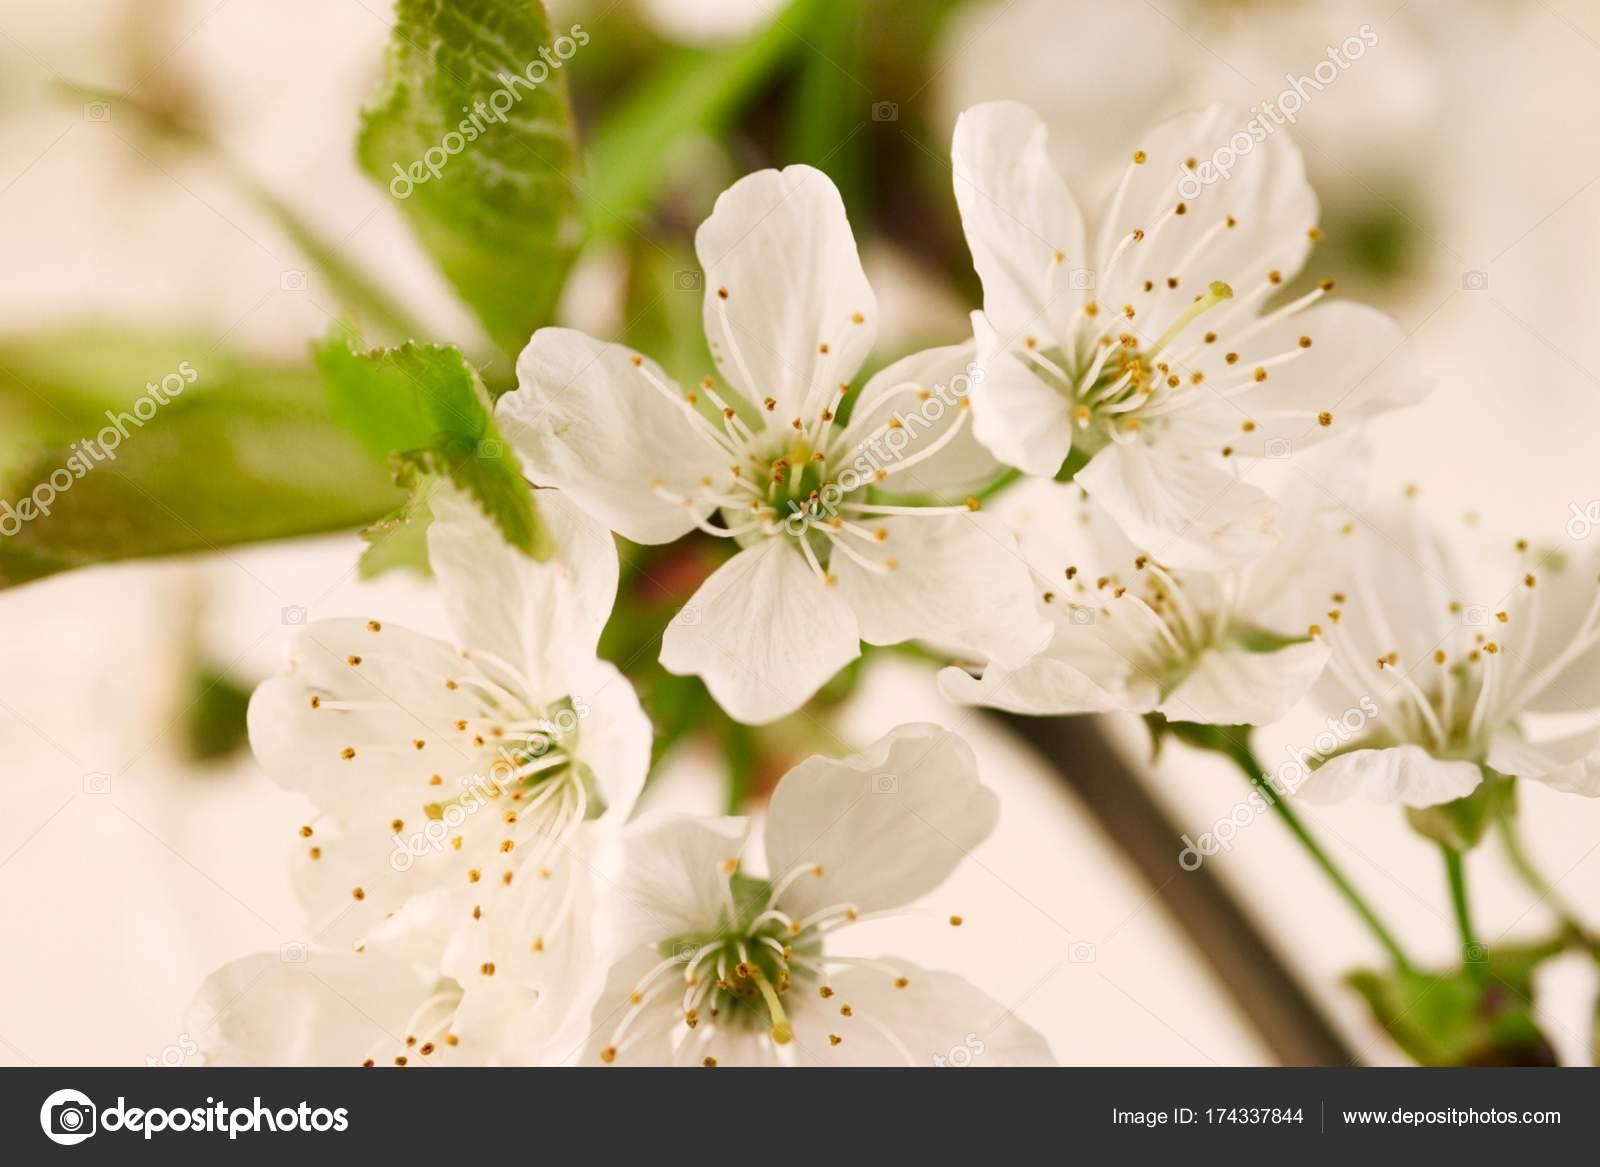 White Aromatic Cherry Blossom Flowers Stock Photo